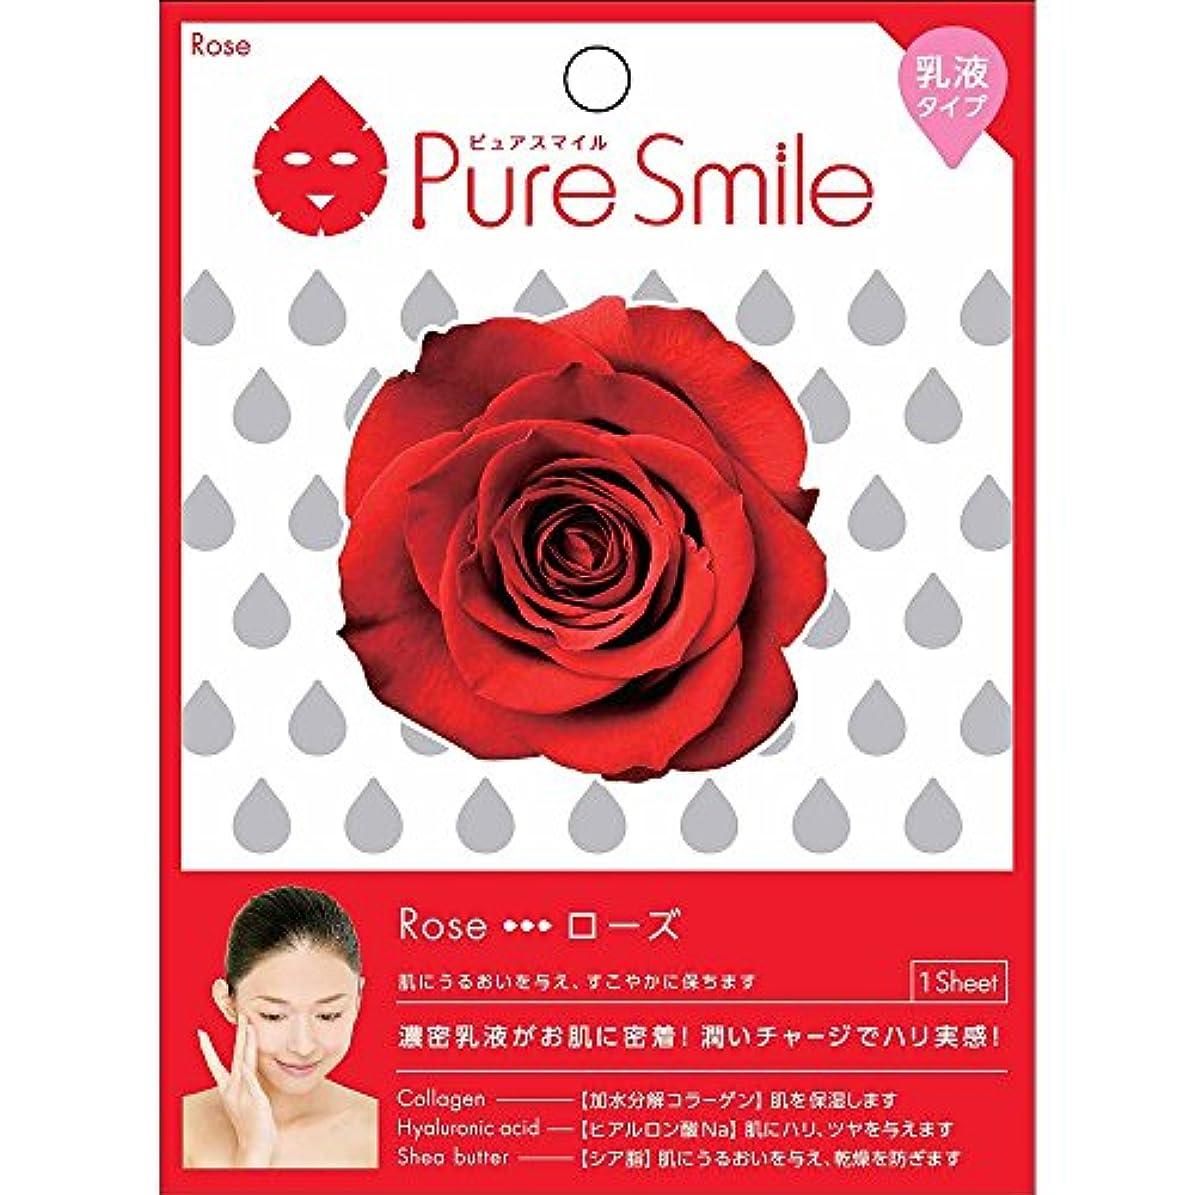 雨の突撃安いですPure Smile(ピュアスマイル) 乳液エッセンスマスク 1 枚 ローズ